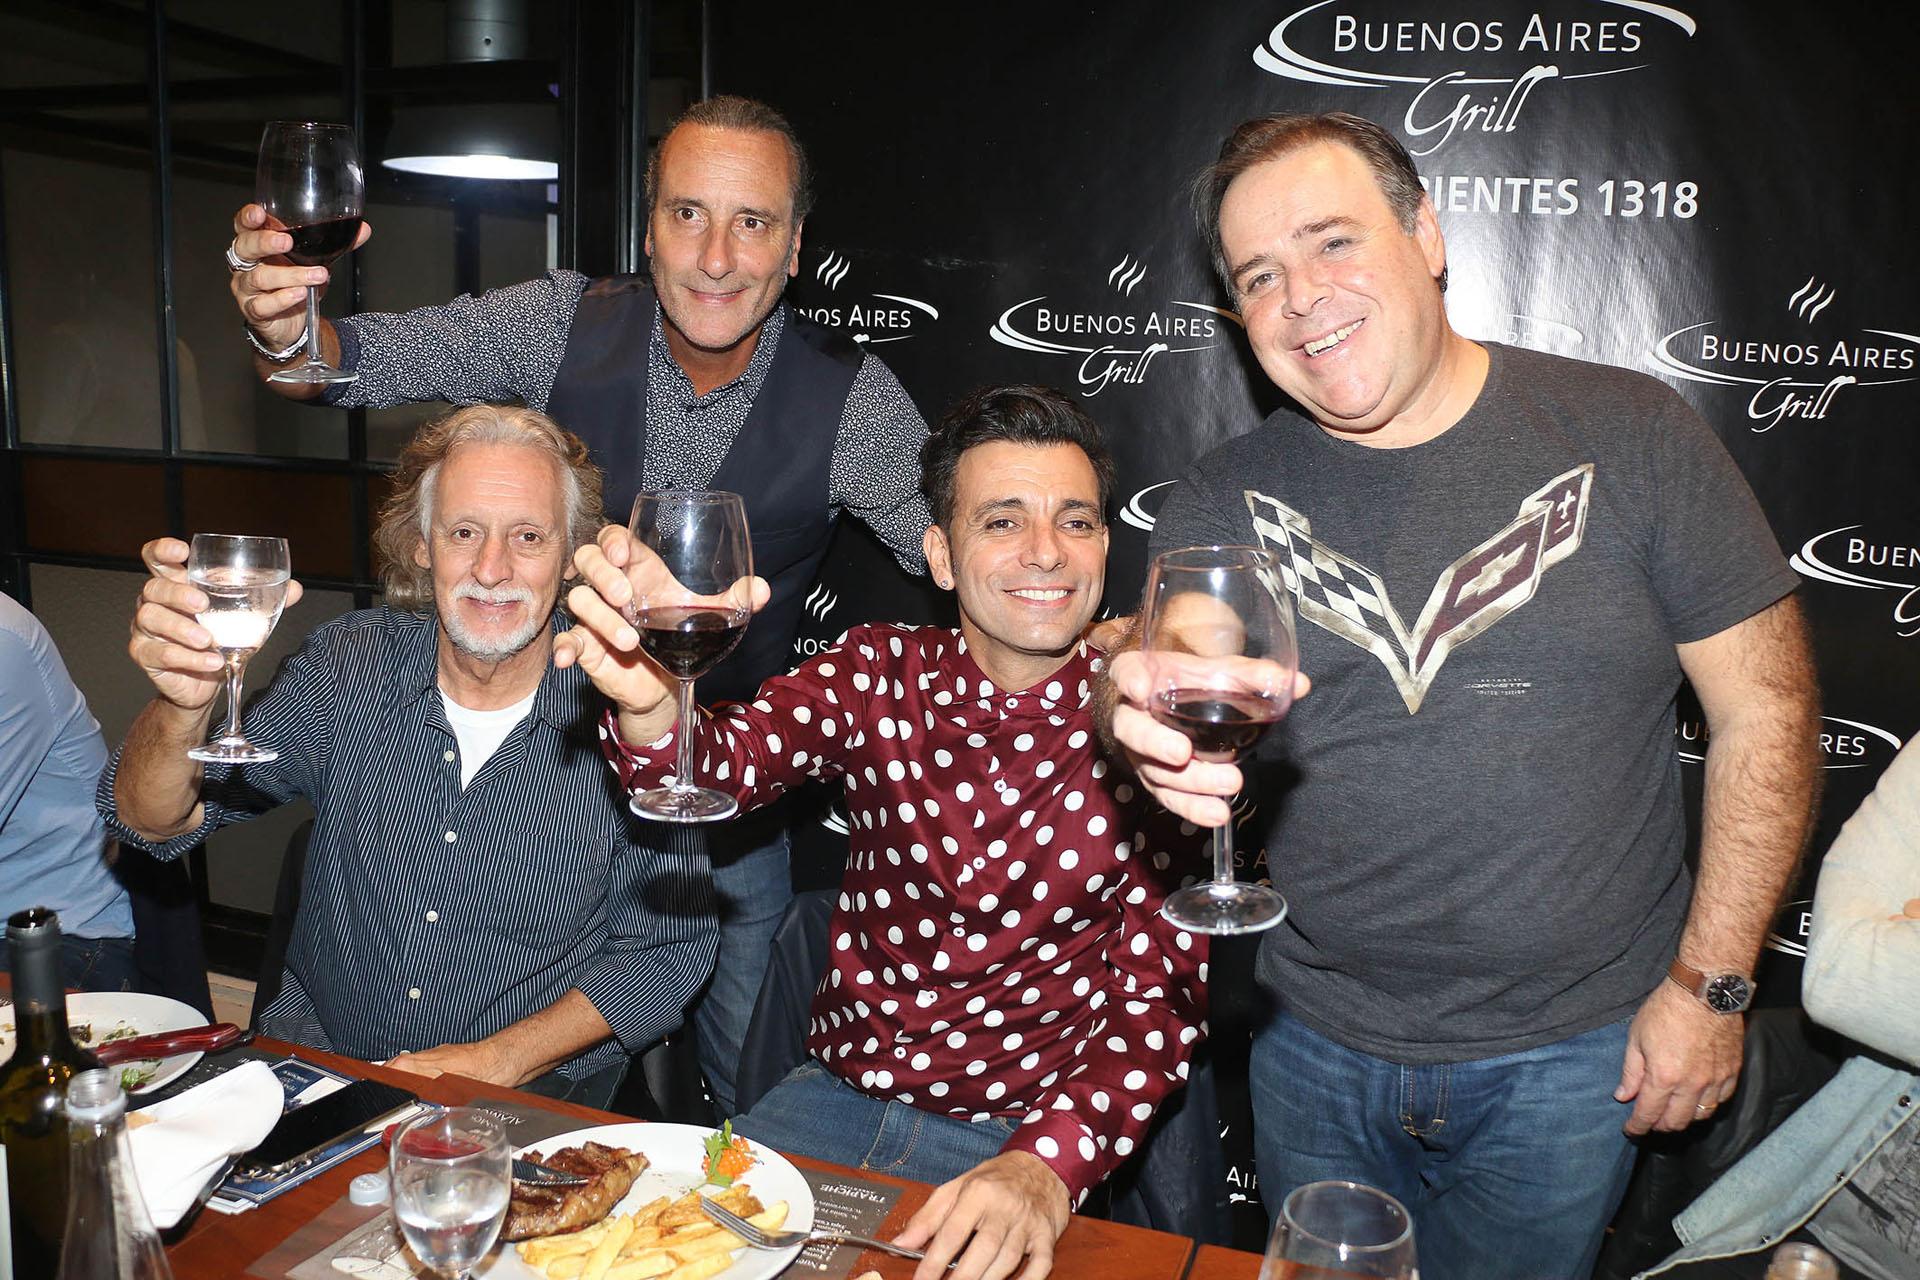 """Martín Bossi debutó con el show """"Bossi Master Show"""" en el teatro Astral. Luego de la función, fue a cenar con Nito Mestre, Manuel Wirzt y Carna"""